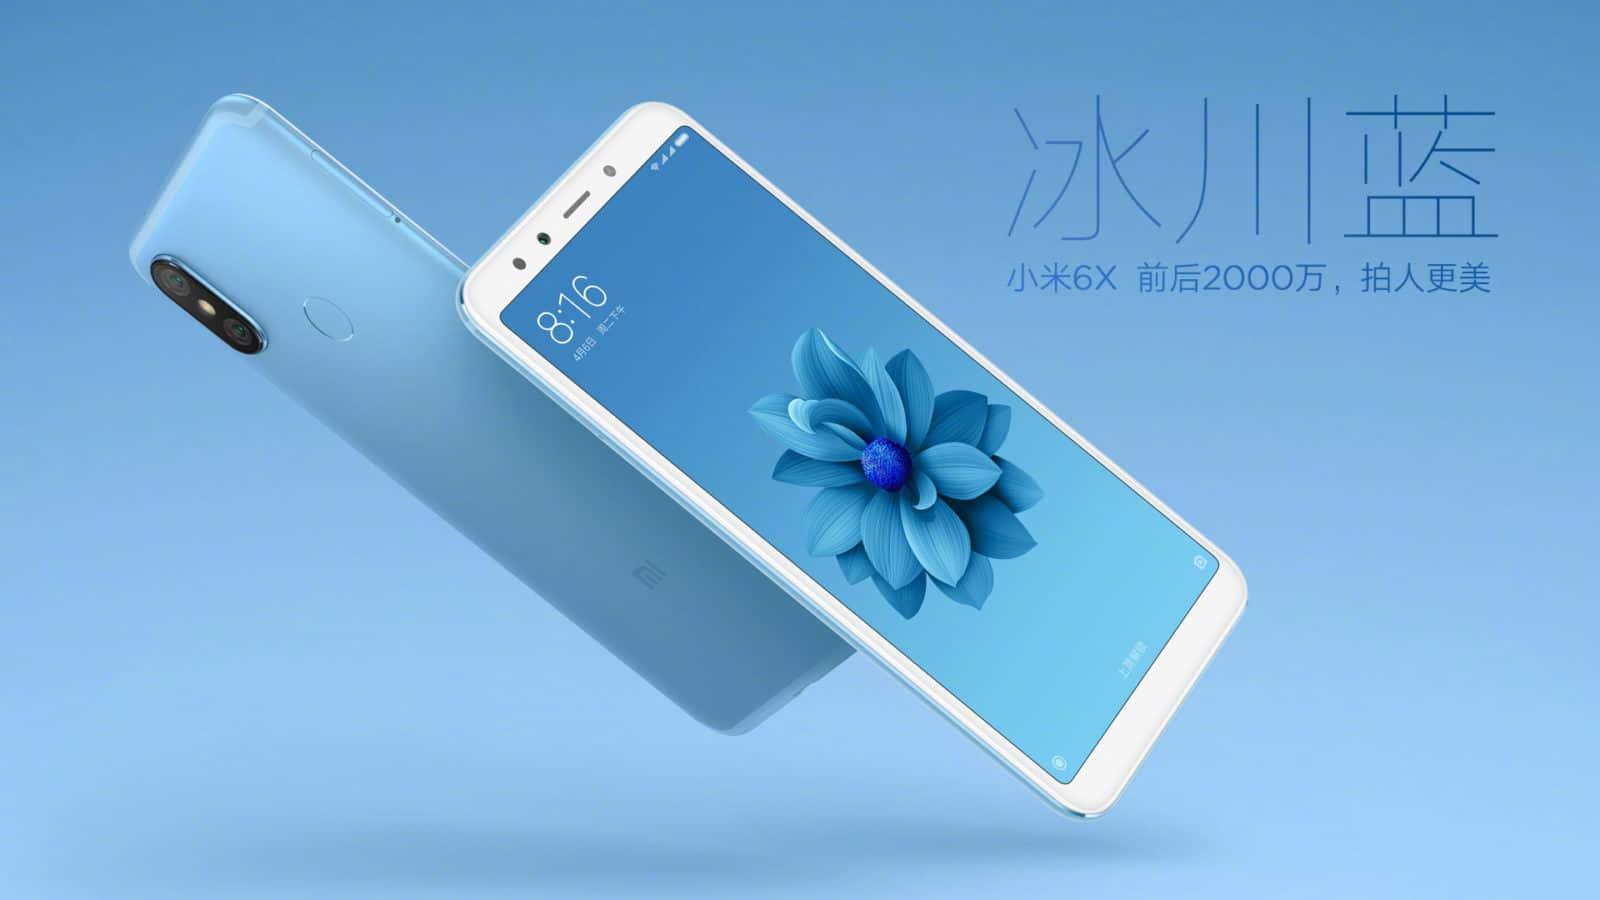 Xiaomi anuncia novo smartphone intermediário com até 6 GB de RAM